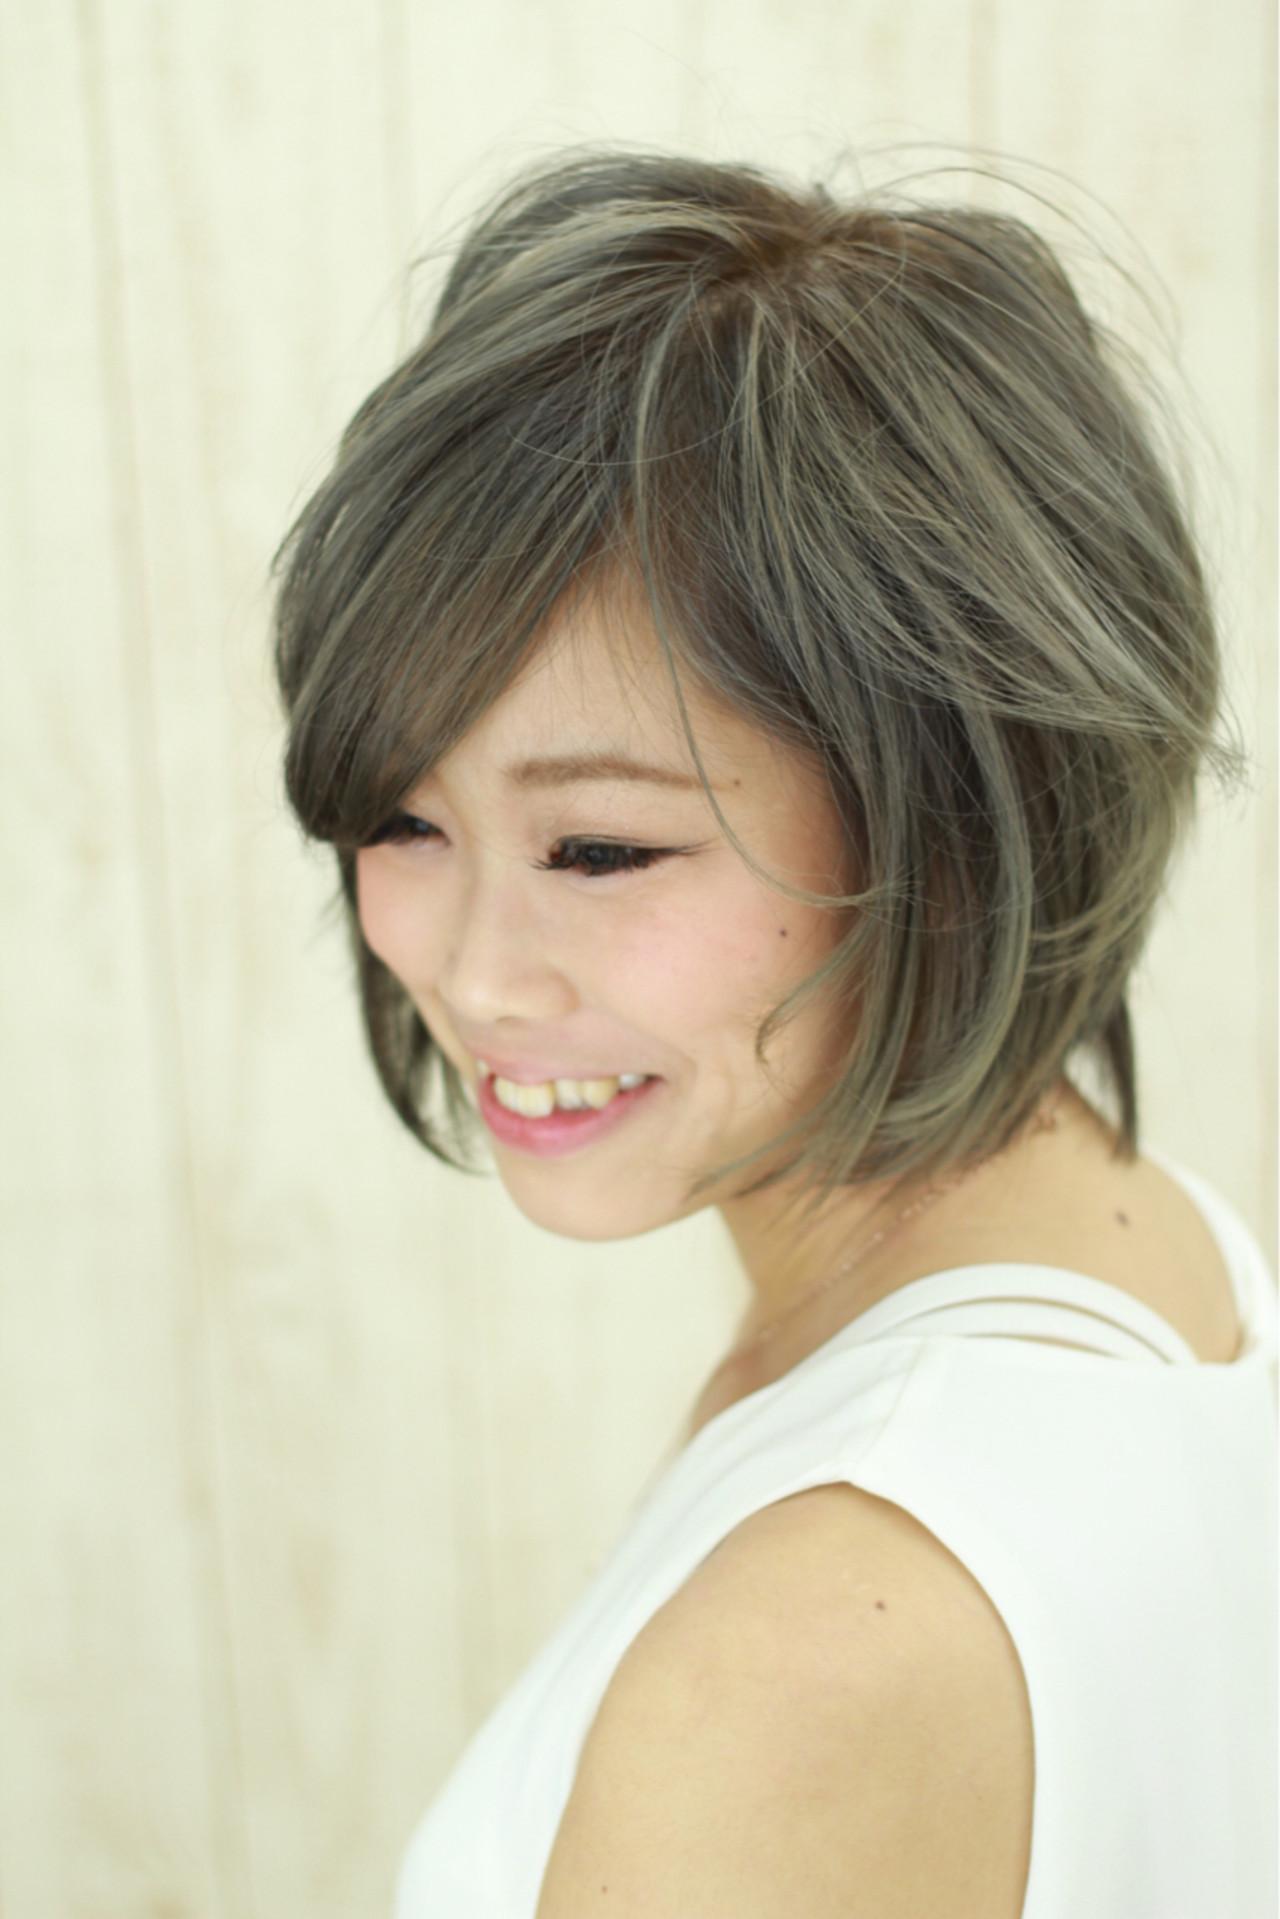 イルミナカラー 小顔 グレージュ アッシュ ヘアスタイルや髪型の写真・画像